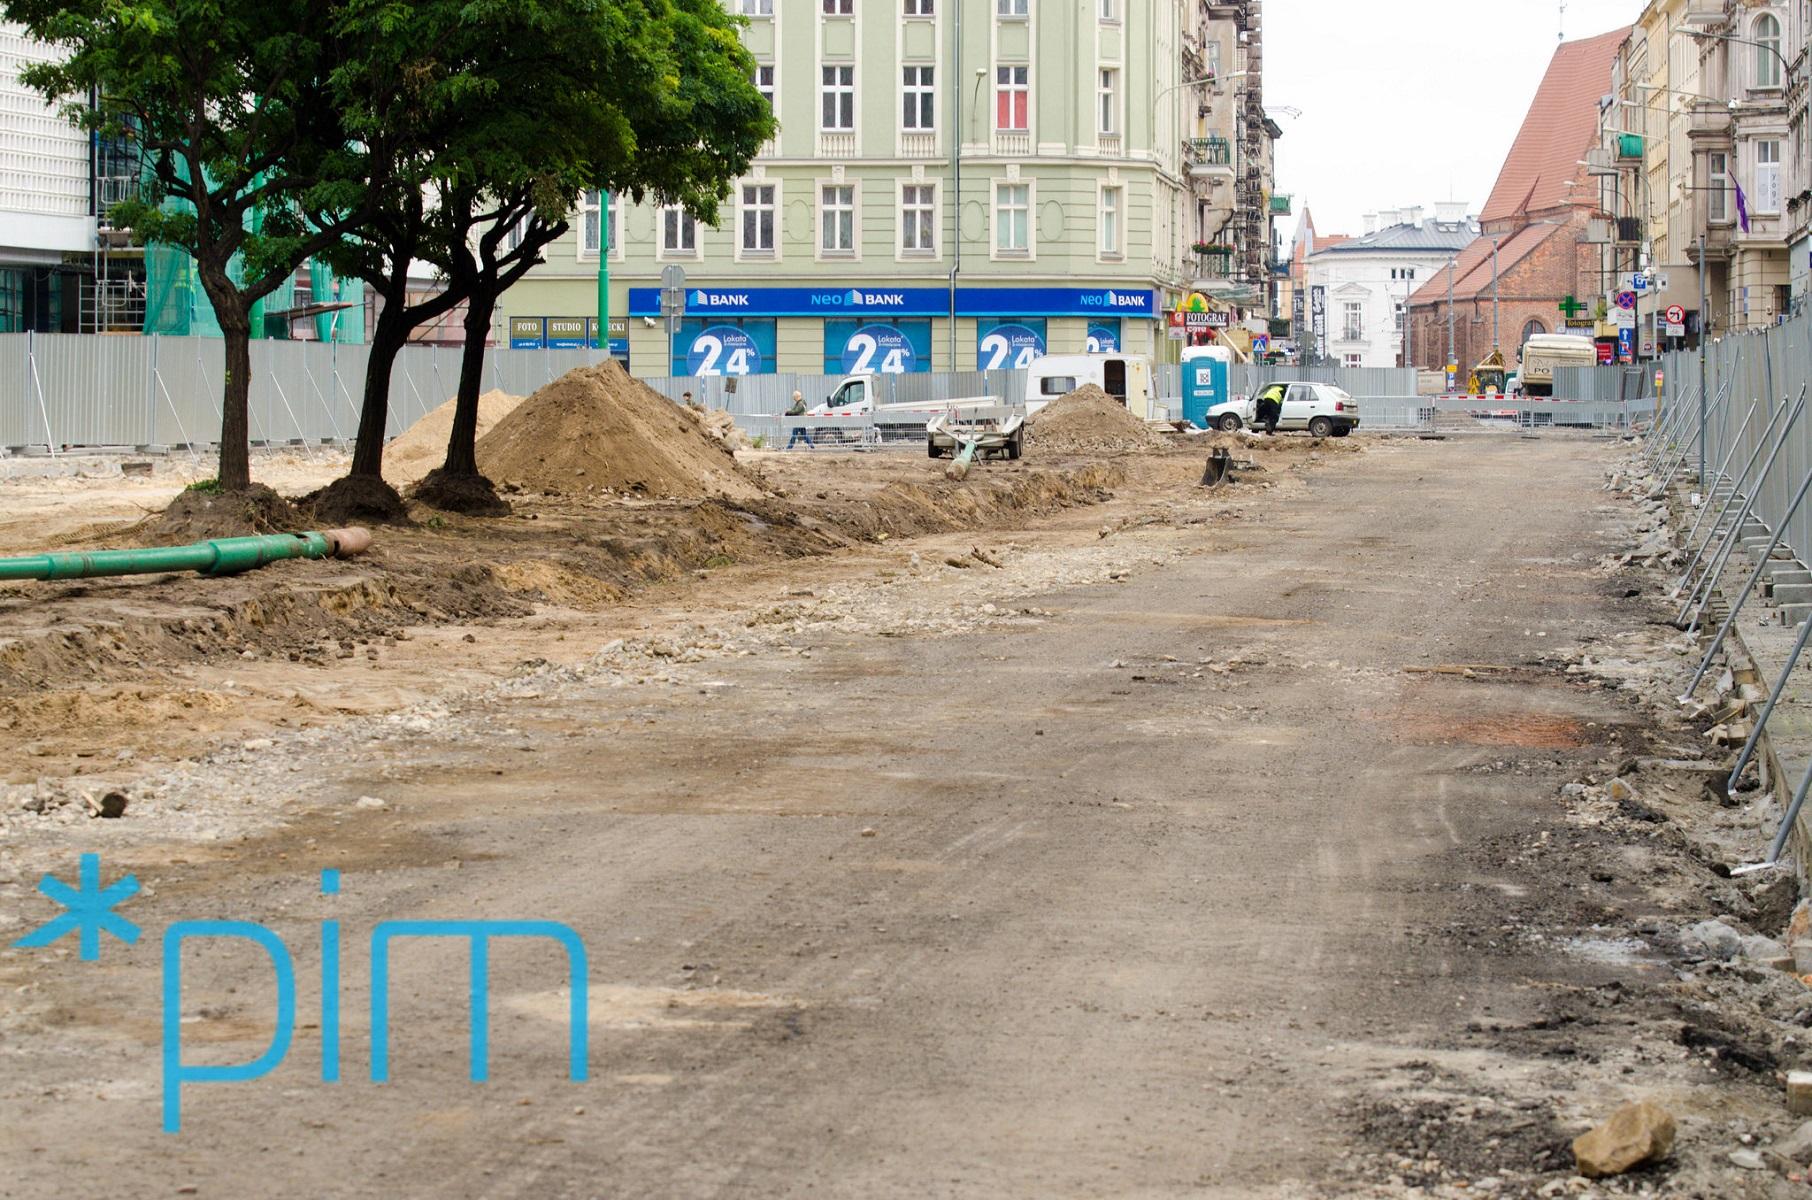 Pas zieleni na ul. Św. Marcin musiał zostać usunięty, ponieważ docelowo w tym miejscu poprowadzone zostanie torowisko tramwajowe, które musi zostać przesunięte na północ (fot.poznan.pl)